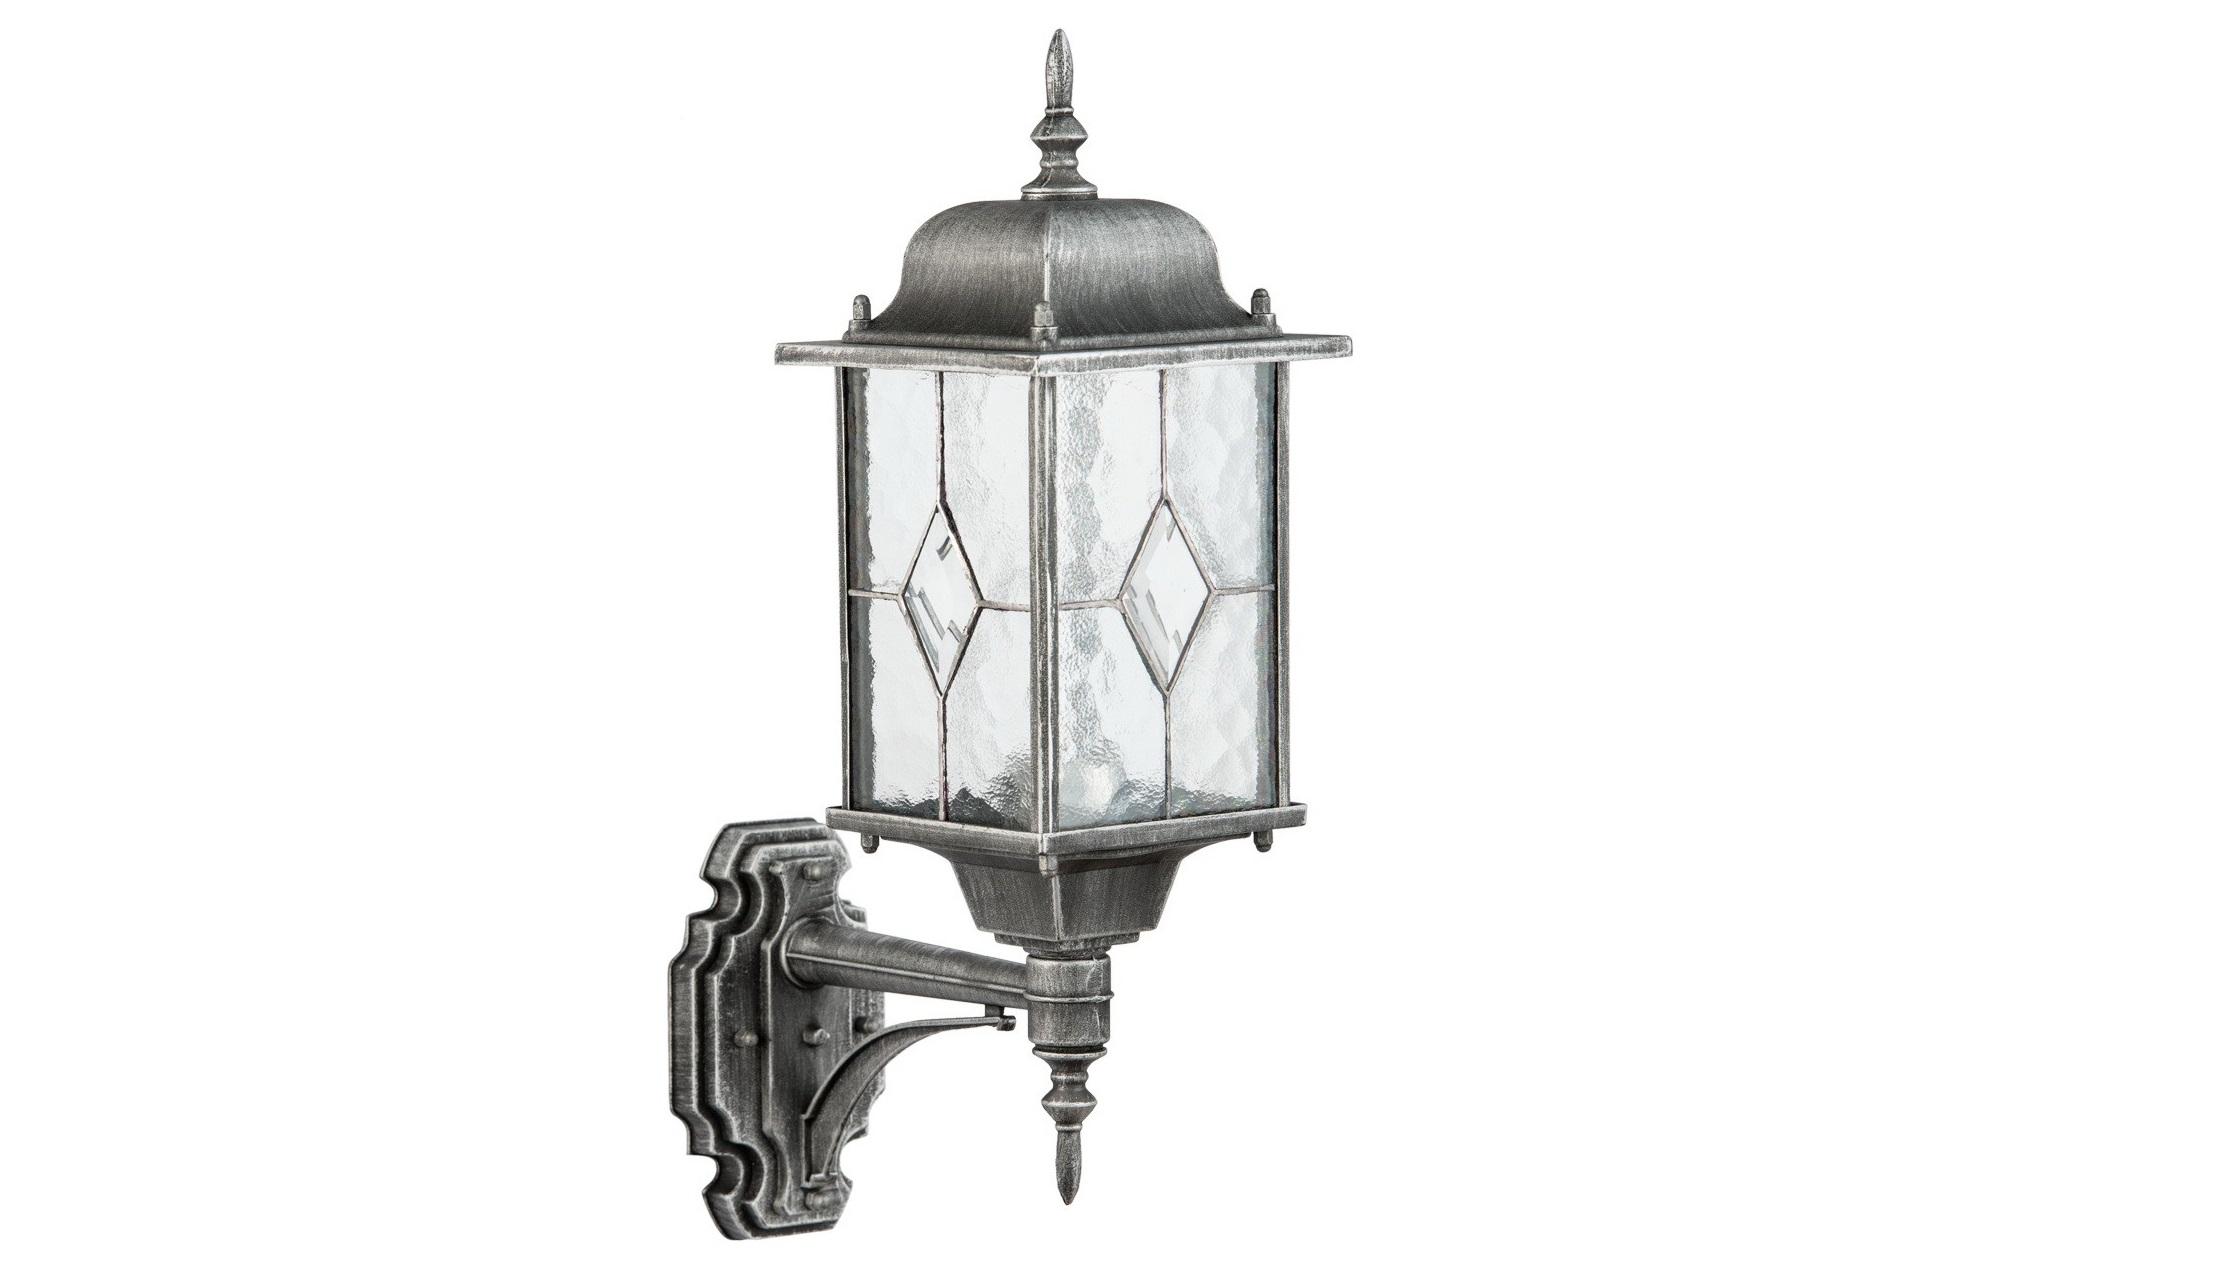 Уличный светильник БургосУличные настенные светильники<br>&amp;lt;div&amp;gt;Оригинальное витражное стекло в коллекции Бургос красиво преломляет лучи света, тем самым достойно украшая конструкцию светильников. Контуры алюминиевого литого основания чёрного цвета декорированы модной серебряной патиной. Благодаря лёгкости металлической конструкции и интересному дизайну, светильник отлично впишется в экстерьер любого природного ландшафта.&amp;lt;/div&amp;gt;&amp;lt;div&amp;gt;Основание из литого алюминия черного цвета, декорированное серебряной патиной, плафоны &amp;amp;nbsp;- витражное стекло.&amp;lt;/div&amp;gt;&amp;lt;div&amp;gt;&amp;lt;br&amp;gt;&amp;lt;/div&amp;gt;&amp;lt;div&amp;gt;Мощность 1*95W&amp;lt;/div&amp;gt;&amp;lt;div&amp;gt;Цоколь E27&amp;lt;/div&amp;gt;&amp;lt;div&amp;gt;Степень защиты светильников от пыли и влаги IP 44&amp;lt;/div&amp;gt;<br><br>Material: Алюминий<br>Ширина см: 16<br>Высота см: 48<br>Глубина см: 29